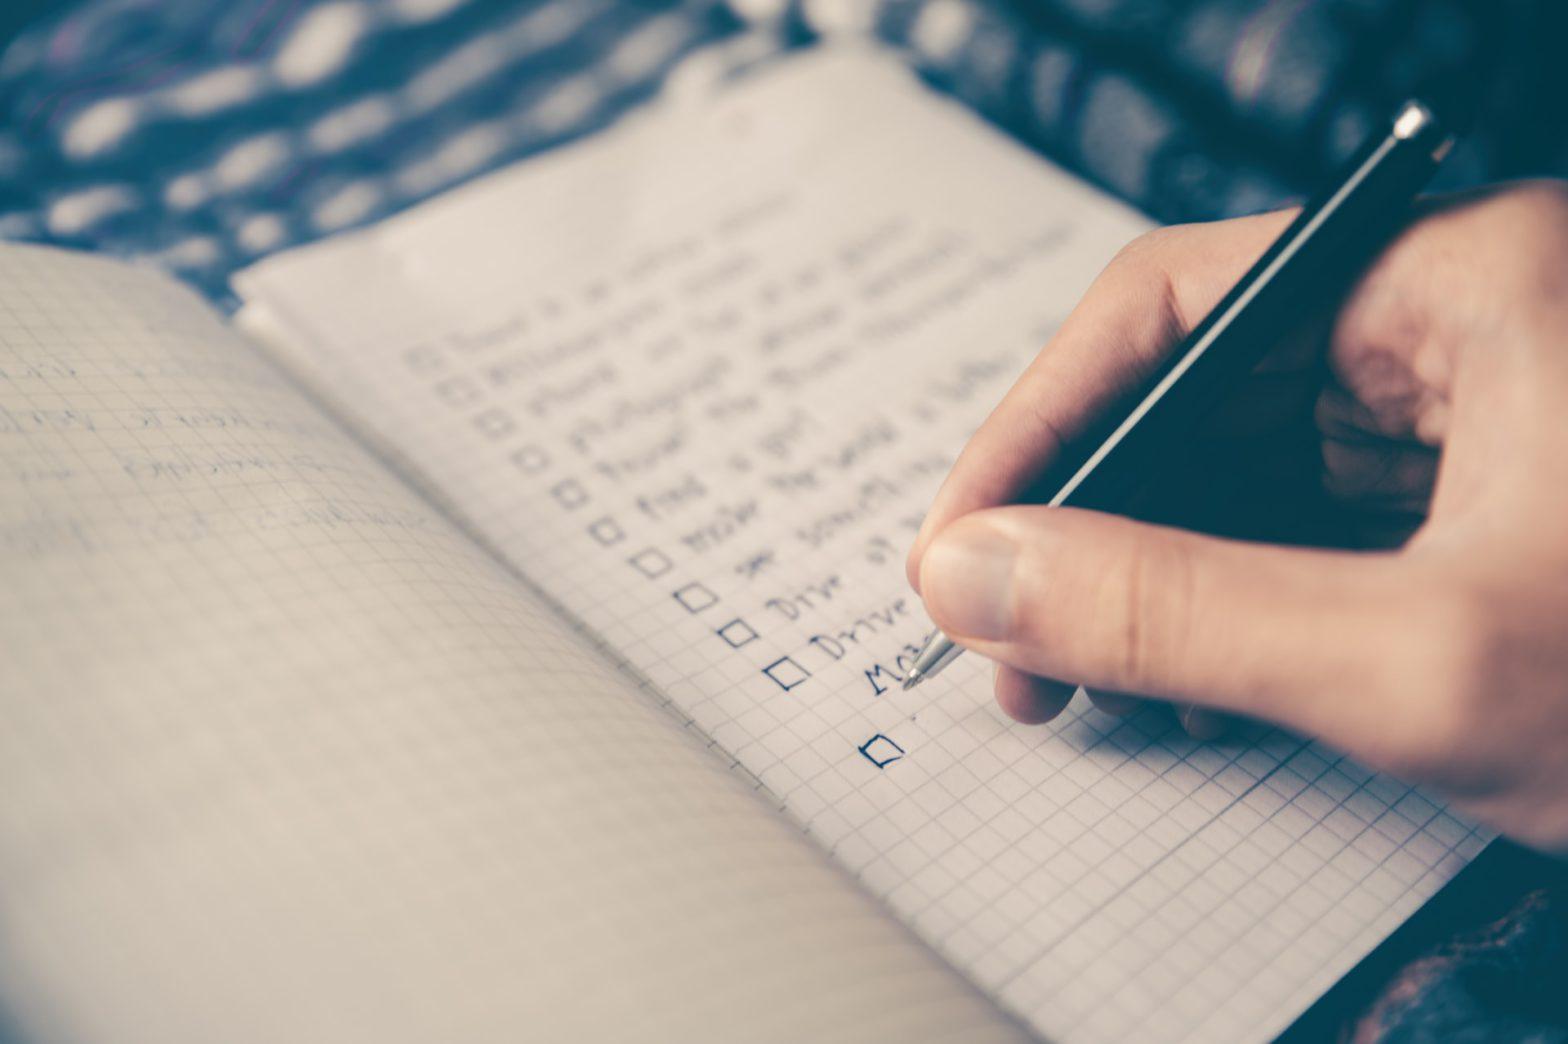 Man making a list